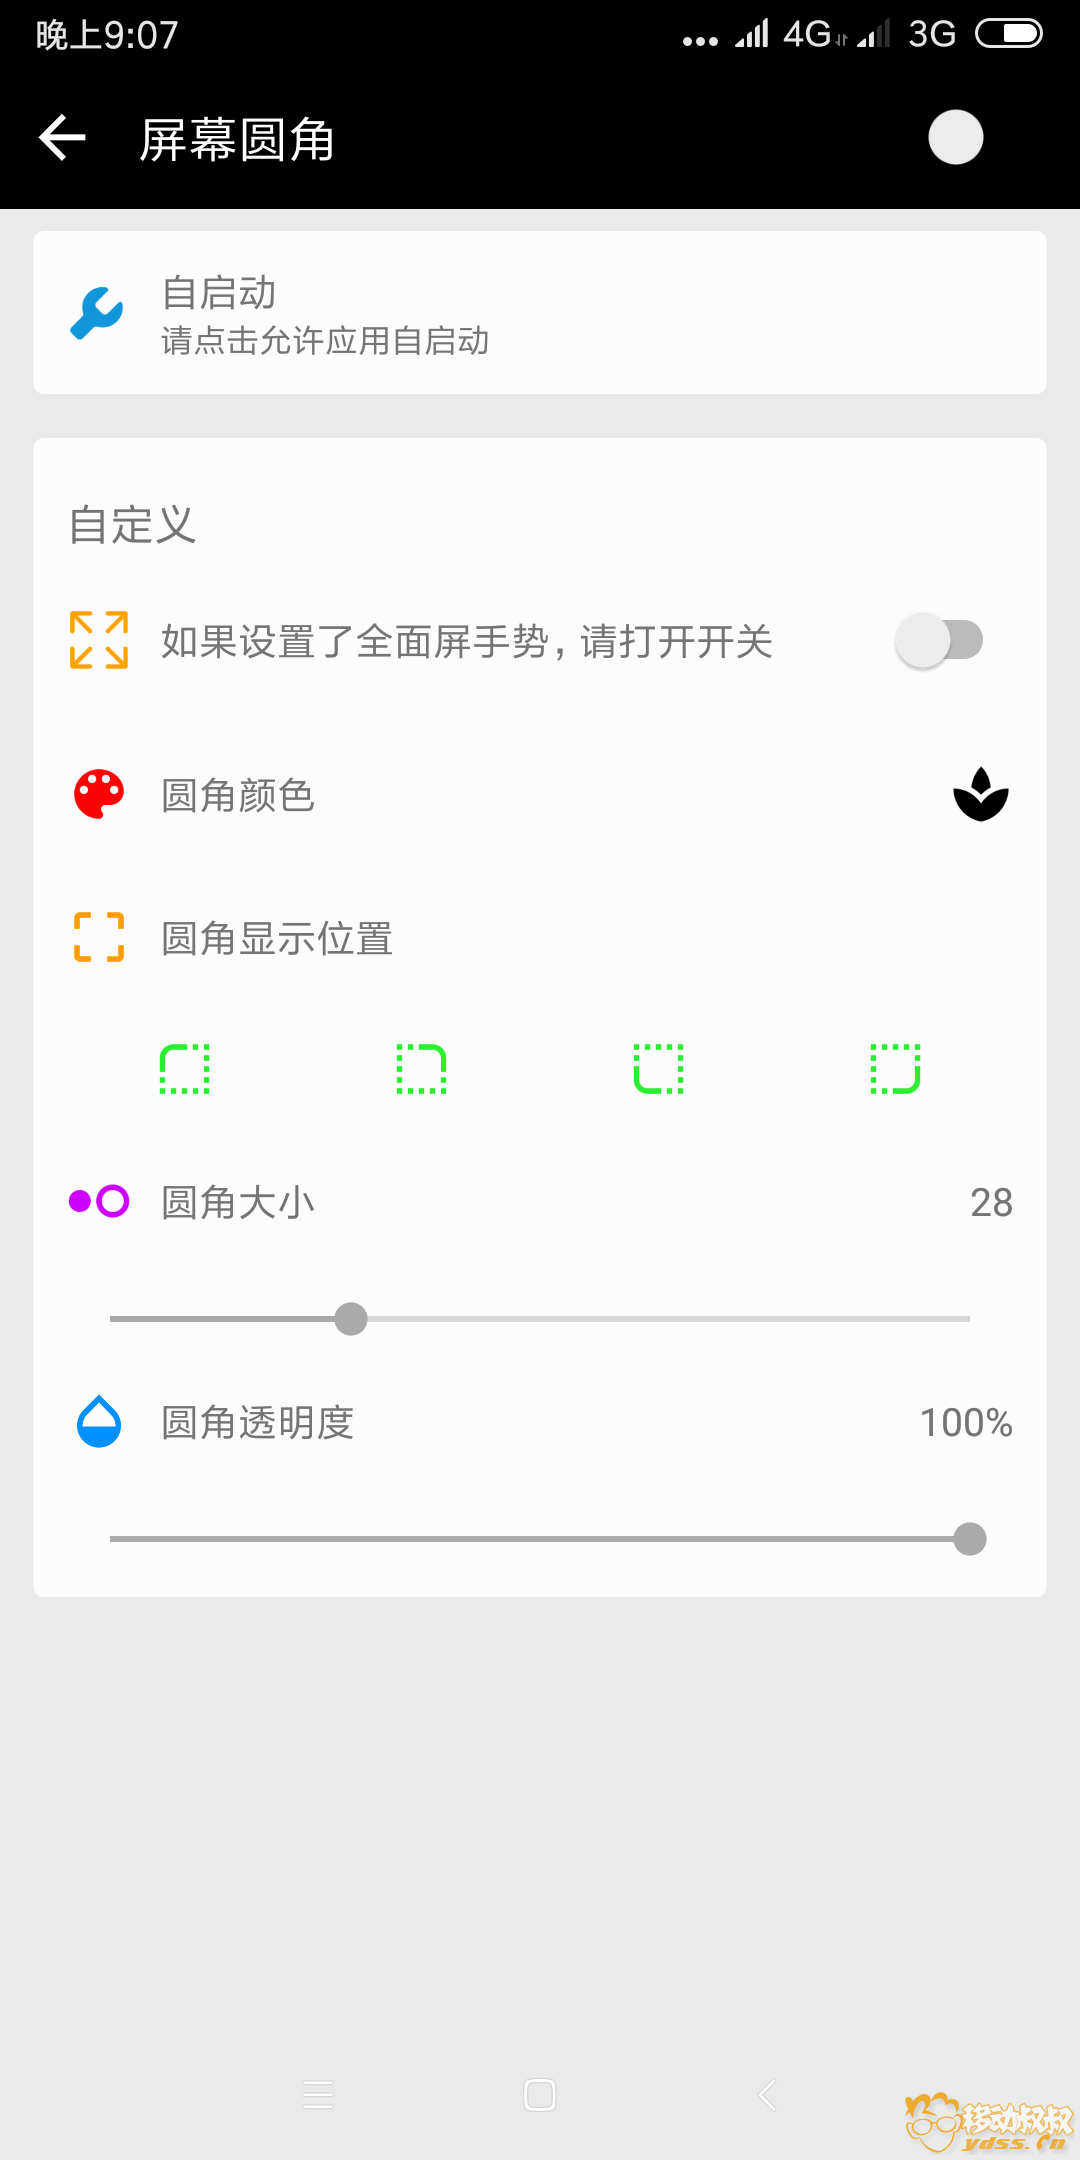 Screenshot_2018-06-02-21-07-01-249_com.grimos.tools.png